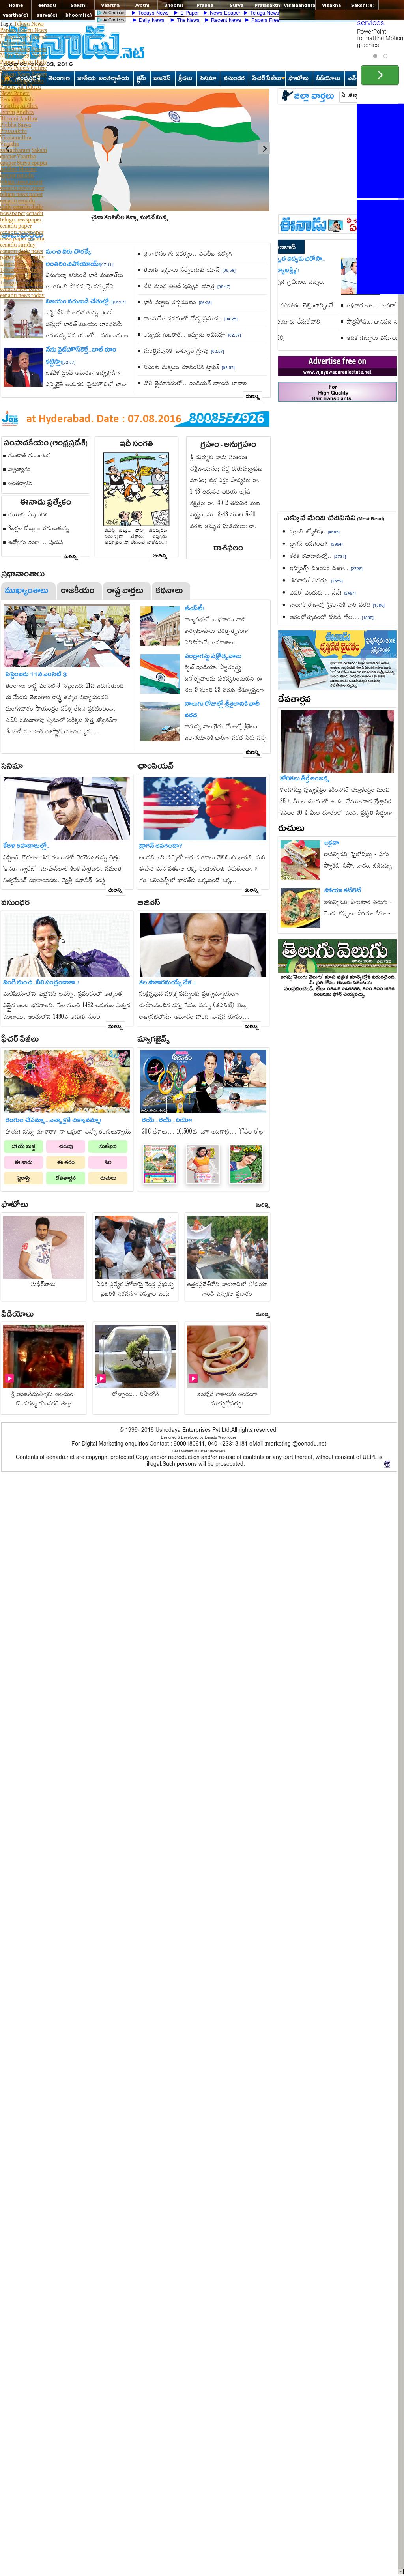 Eenadu net Break News Competitors, Revenue and Employees